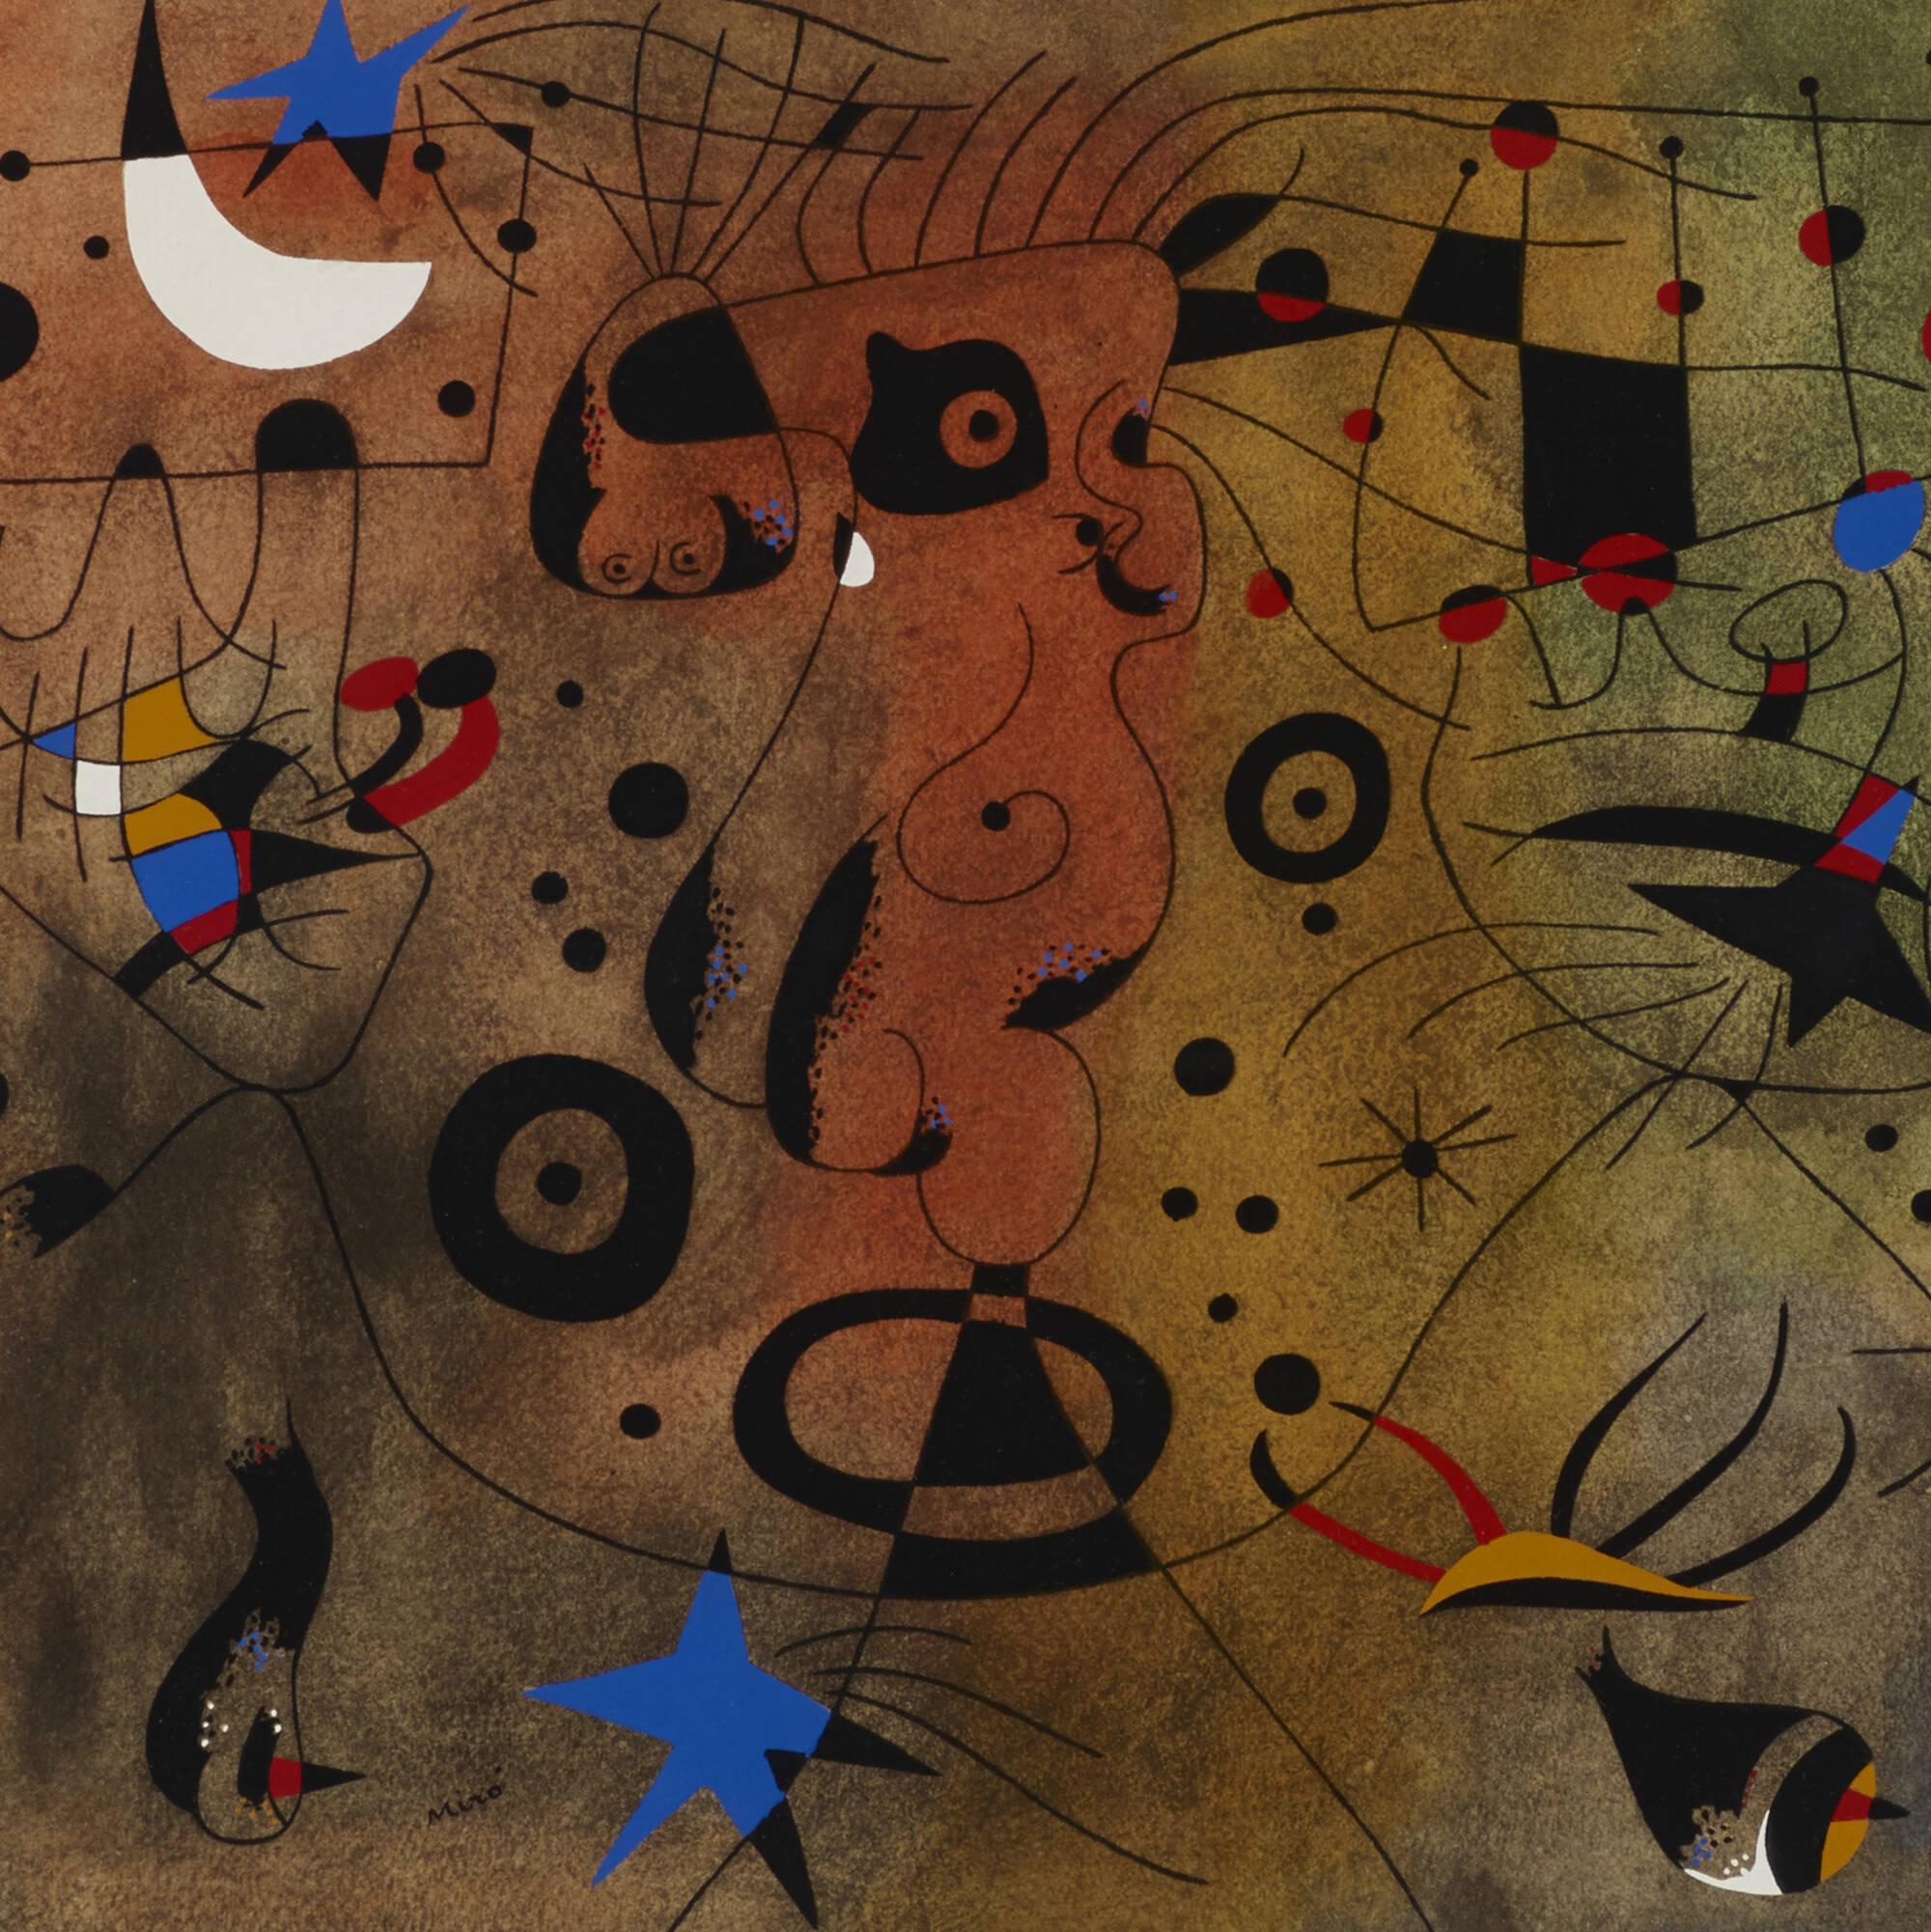 139: Joan Miró / Femme à la blonde aisselle coiffant sa chevelure à la lueur des étoiles (from the Constellations portfolio) (2 of 2)